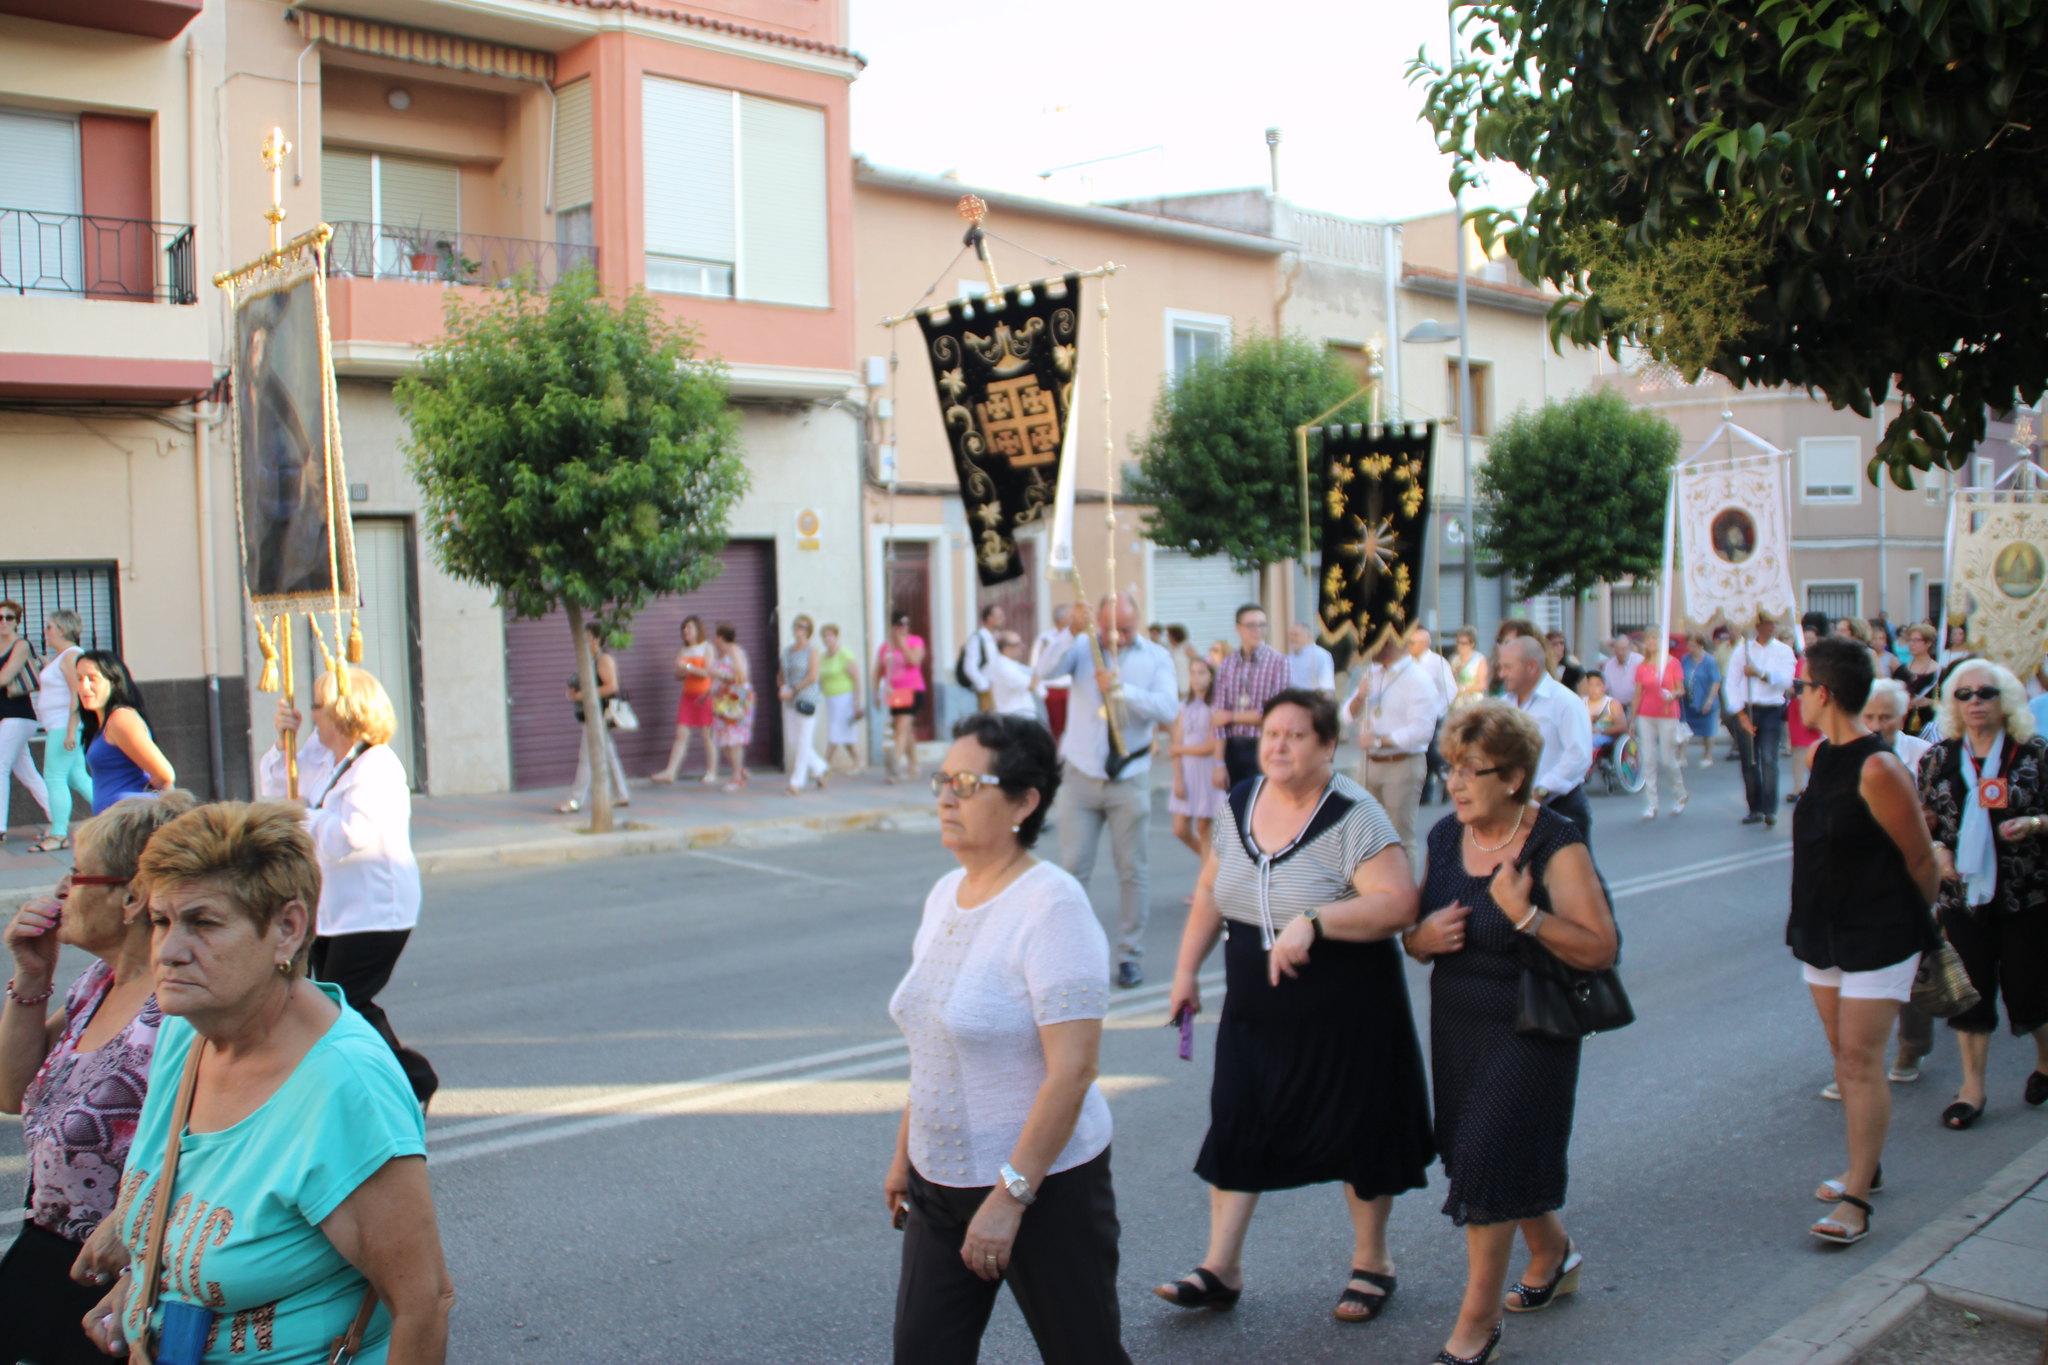 (2015-07-12) - Virgen del Carmen, parroquia La Santa Cruz - Javier Romero Ripoll (13)